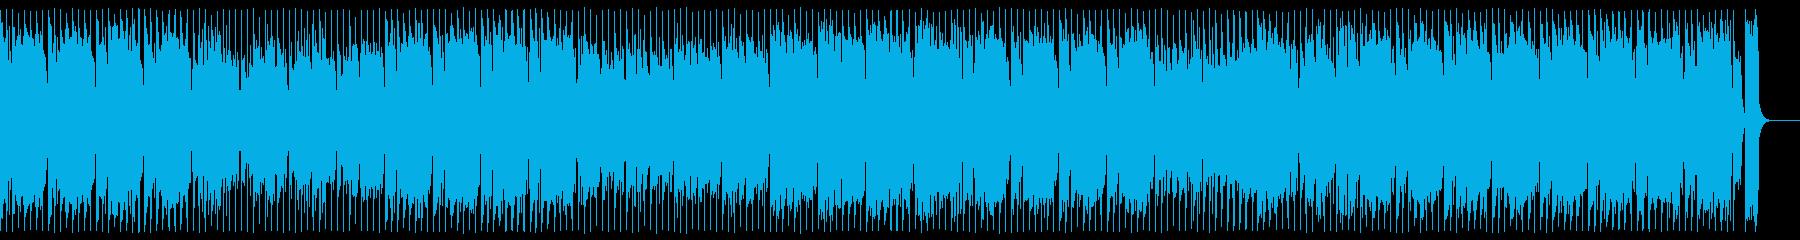 キャッチーで盛り上がるファンクの再生済みの波形